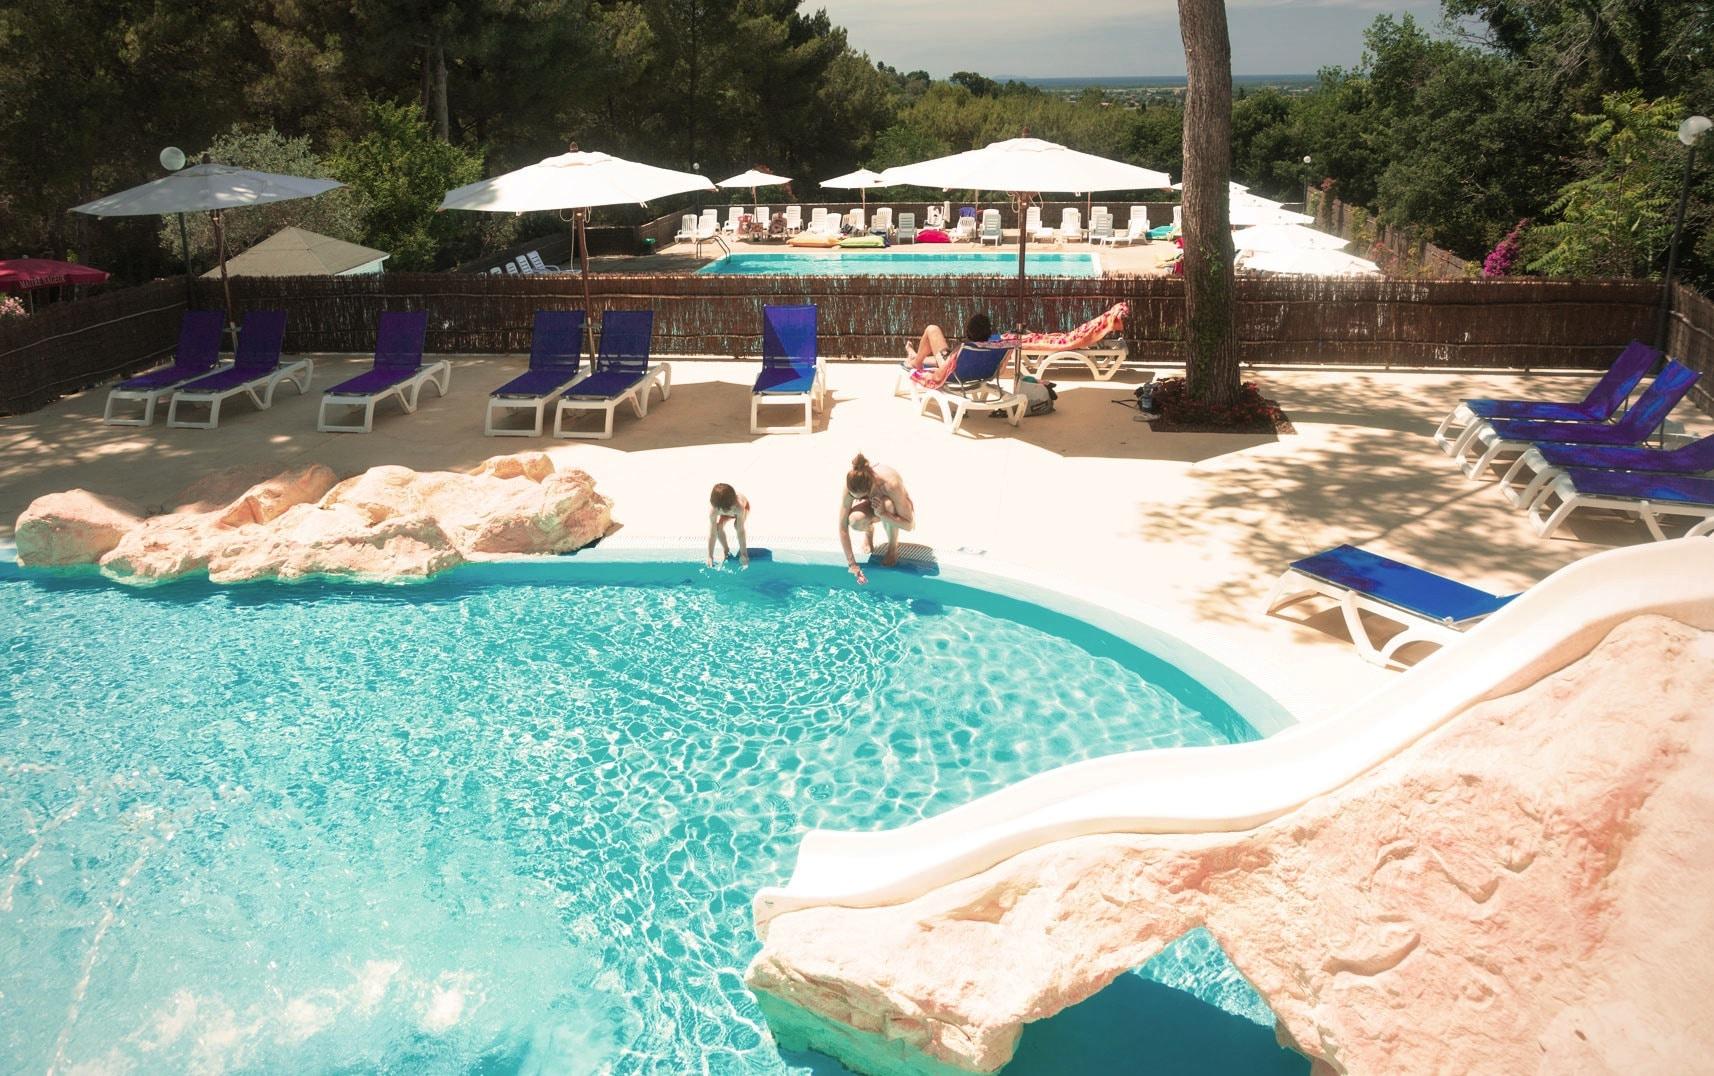 Villaggio camping per bambini in toscana le pianacce - Camping con piscina ...